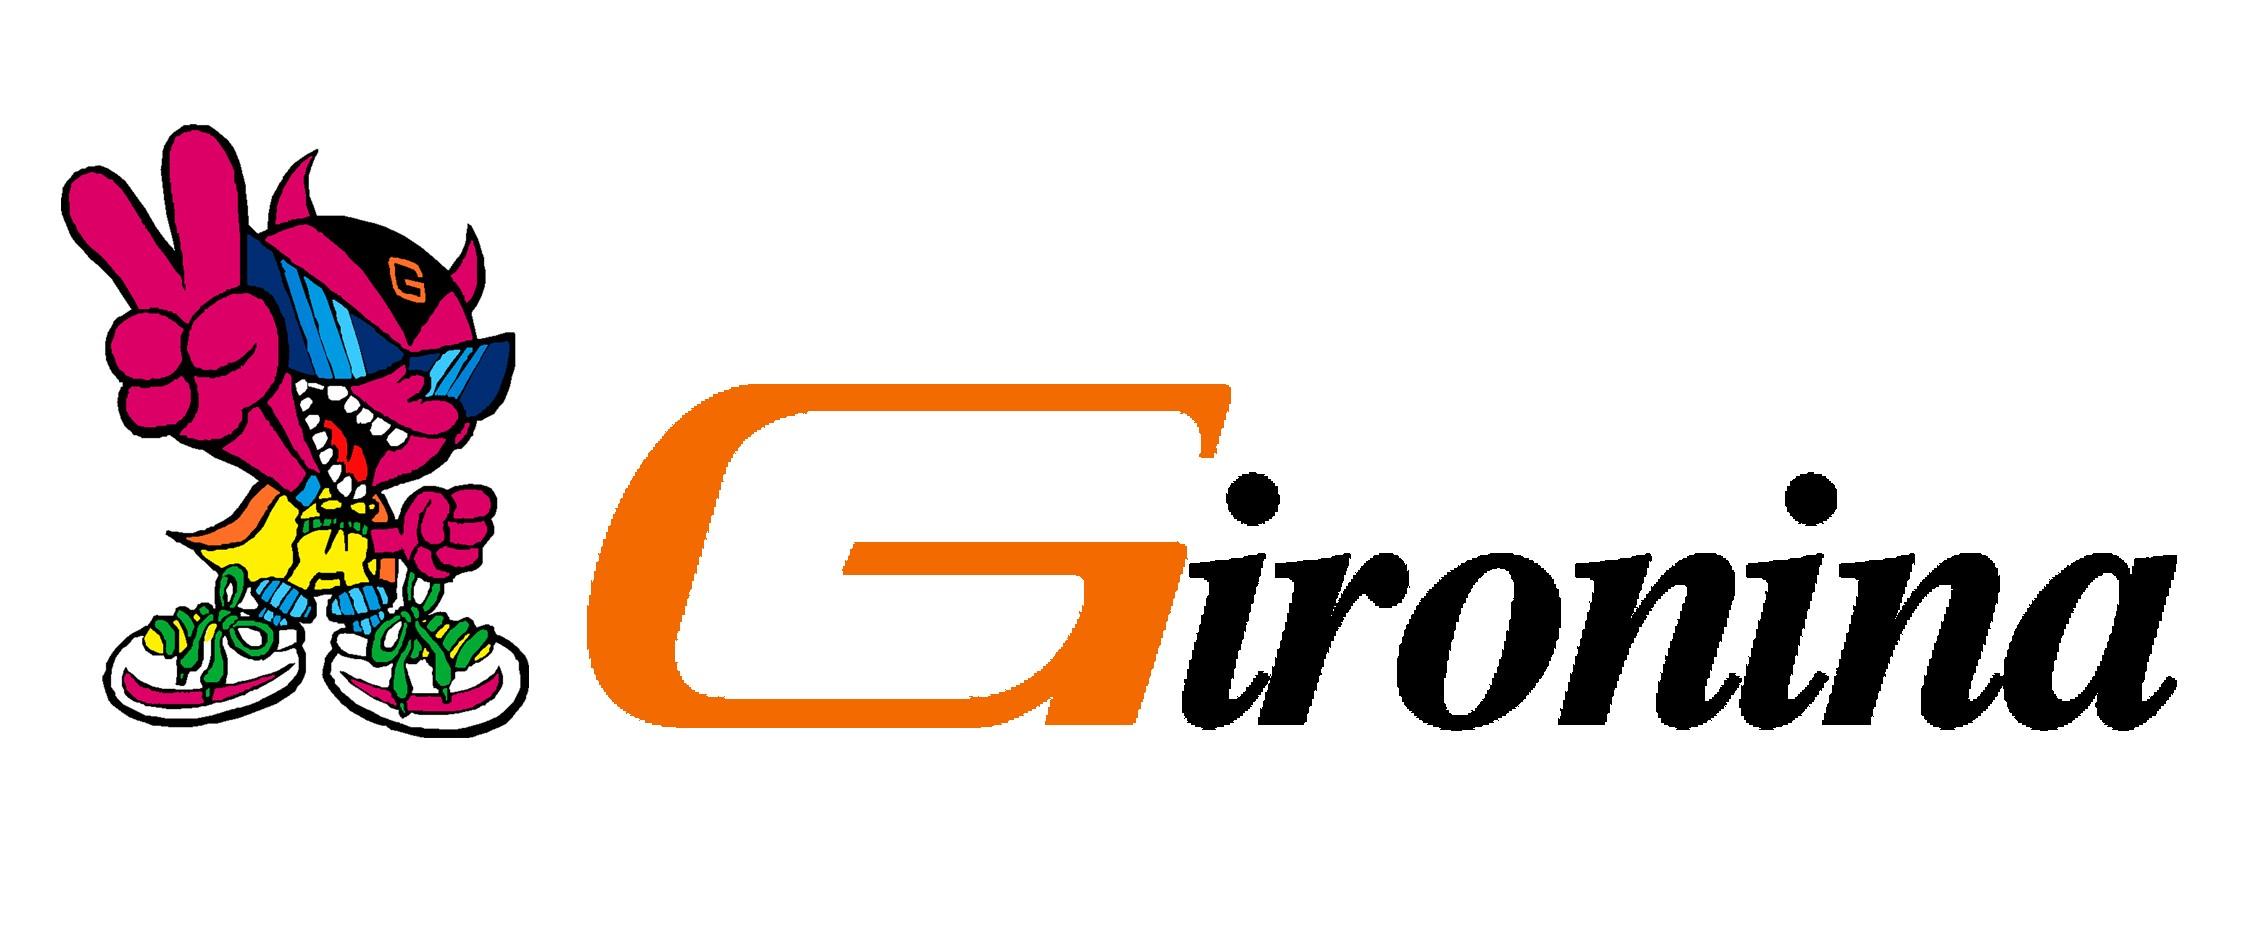 logos  gironina 002